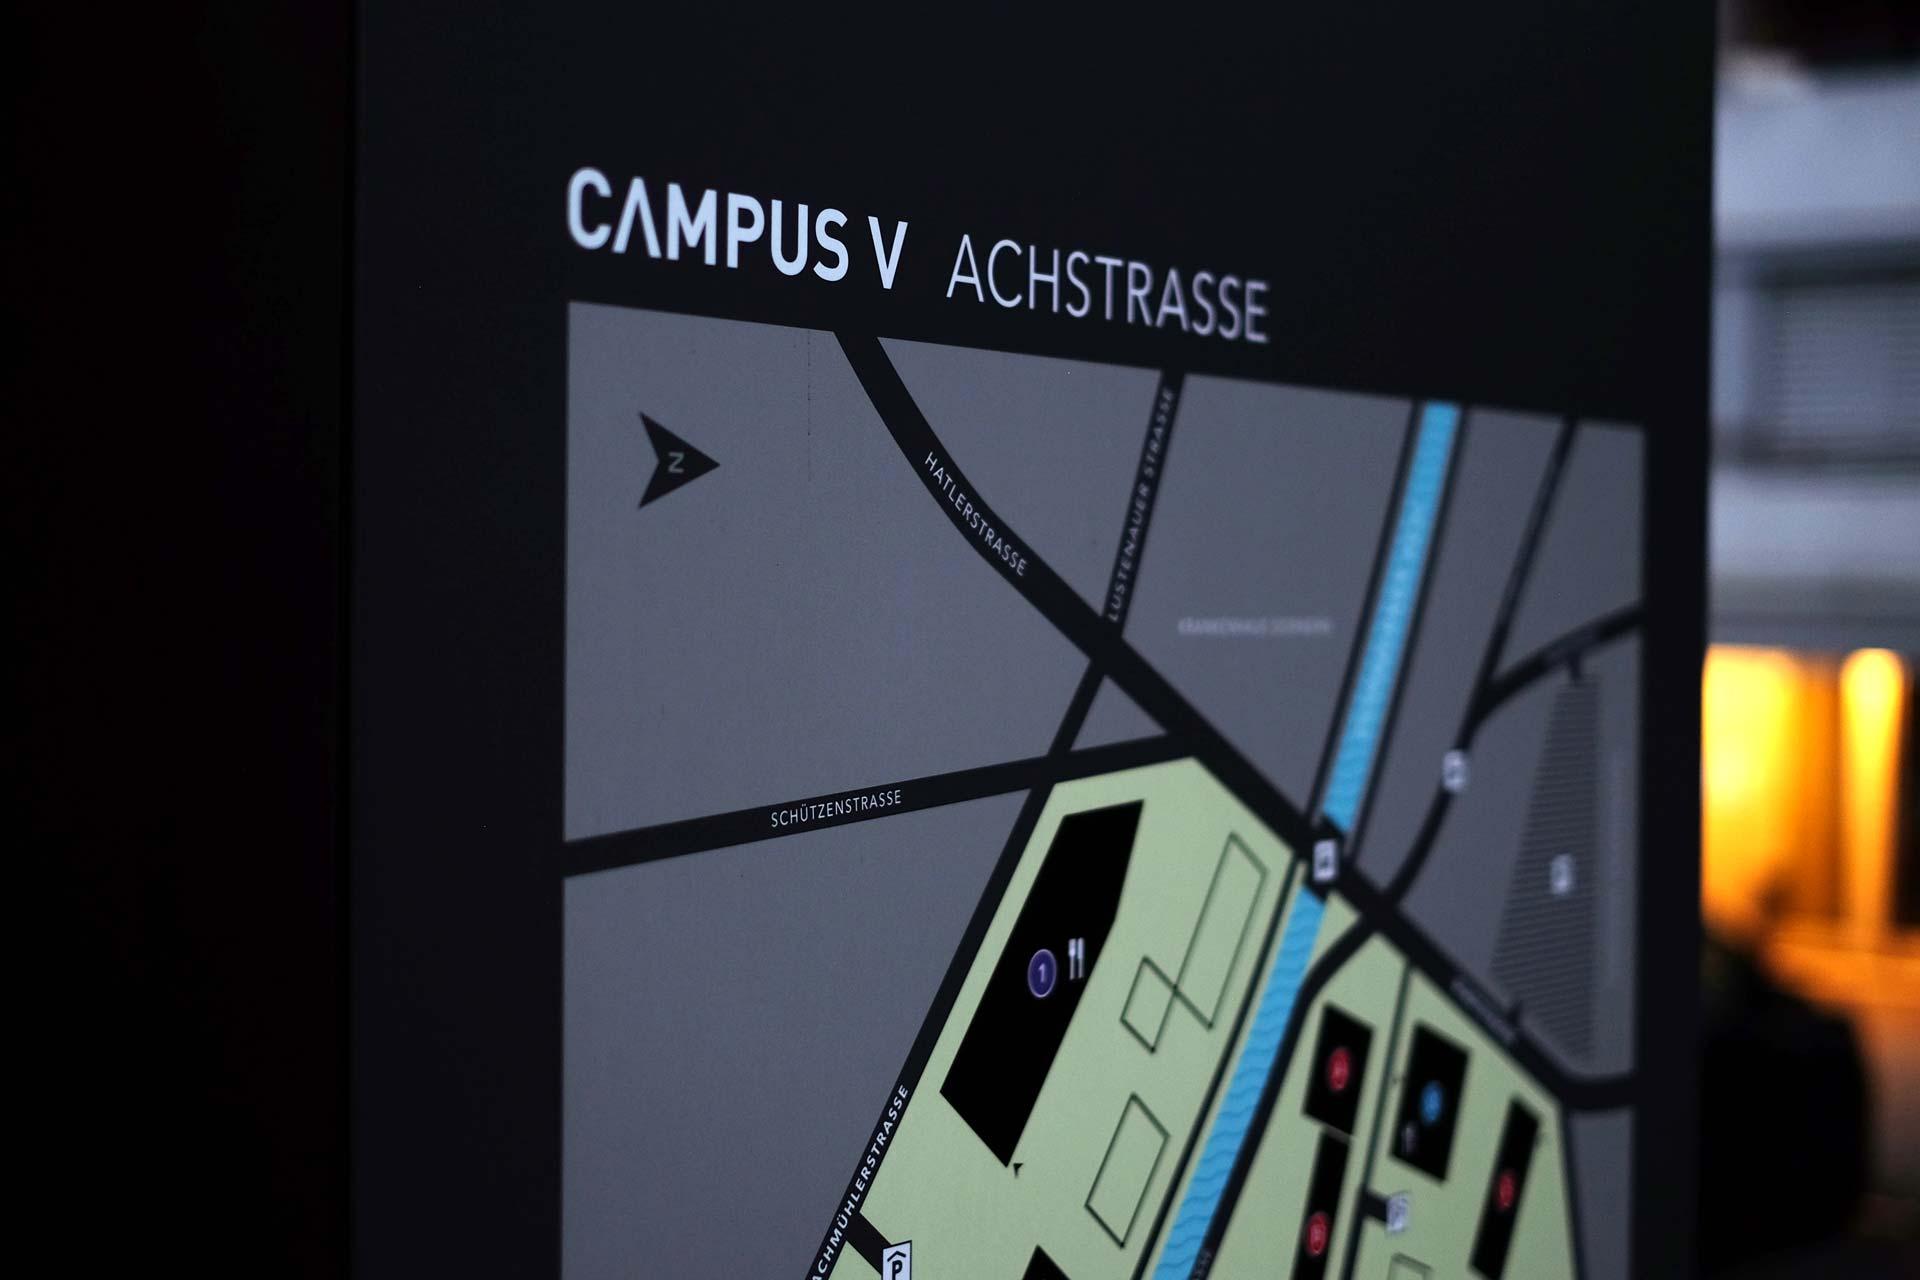 Konzept und Design für den Campus V in Dornbirn, Österreich, FH Vorarlberg, Signaletik, Leitsystem, Grafikdesign, Bernhard Hafele